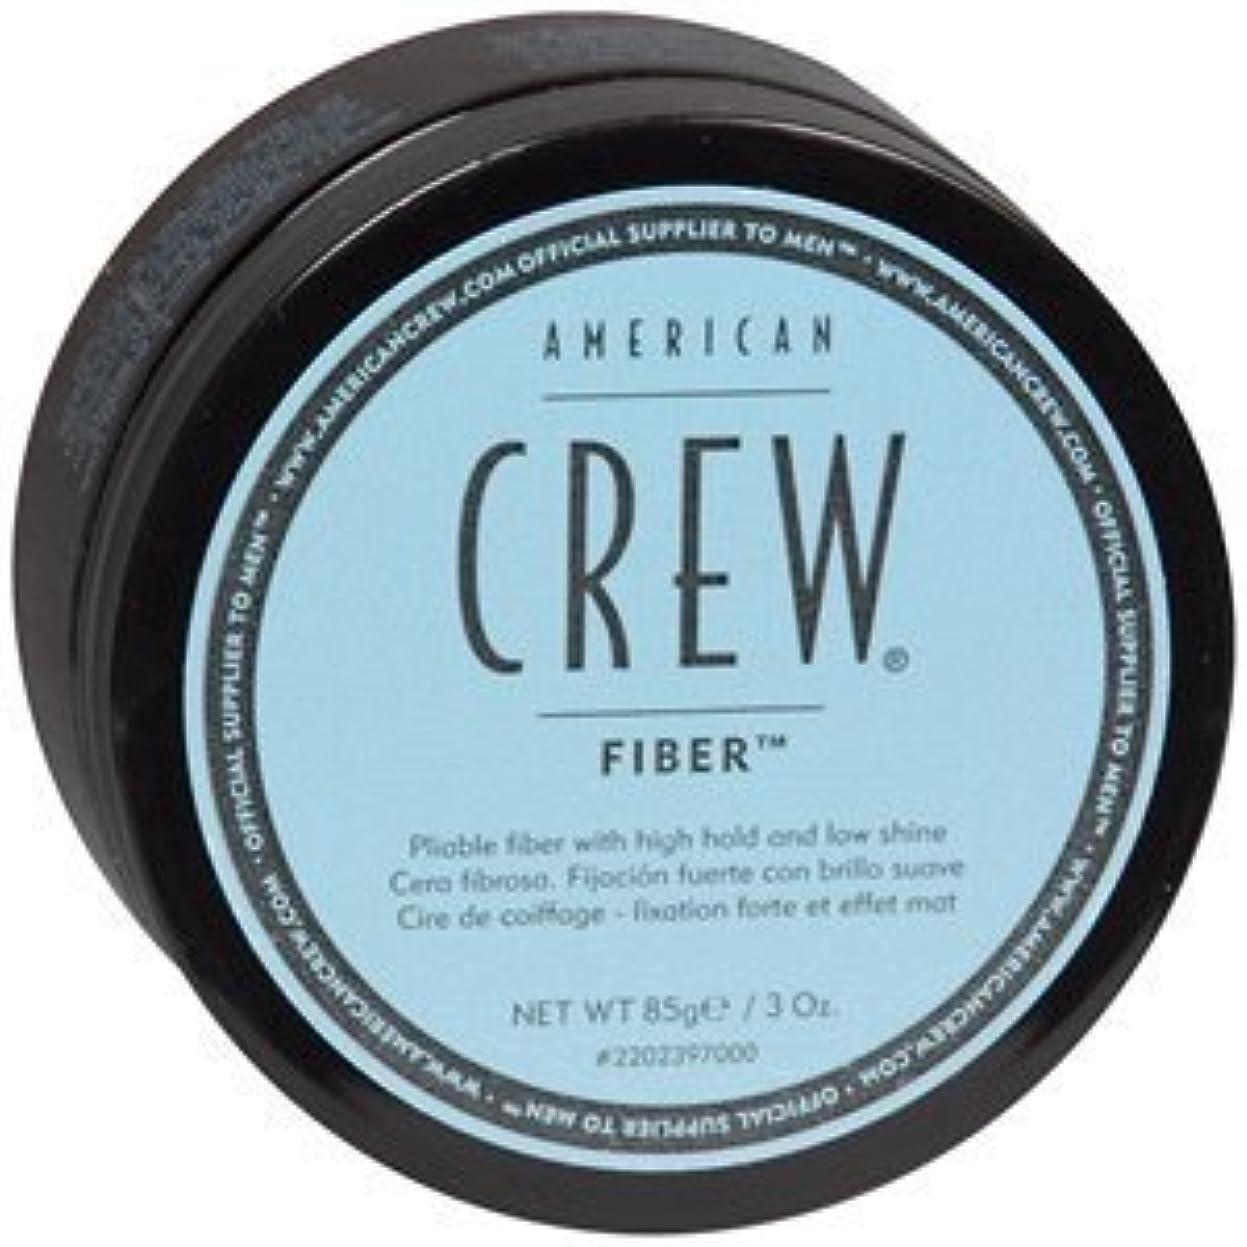 内陸浸す環境に優しいAmerican Crew Fiber for Hold & Shine 3 oz (85 g) by AB [並行輸入品]